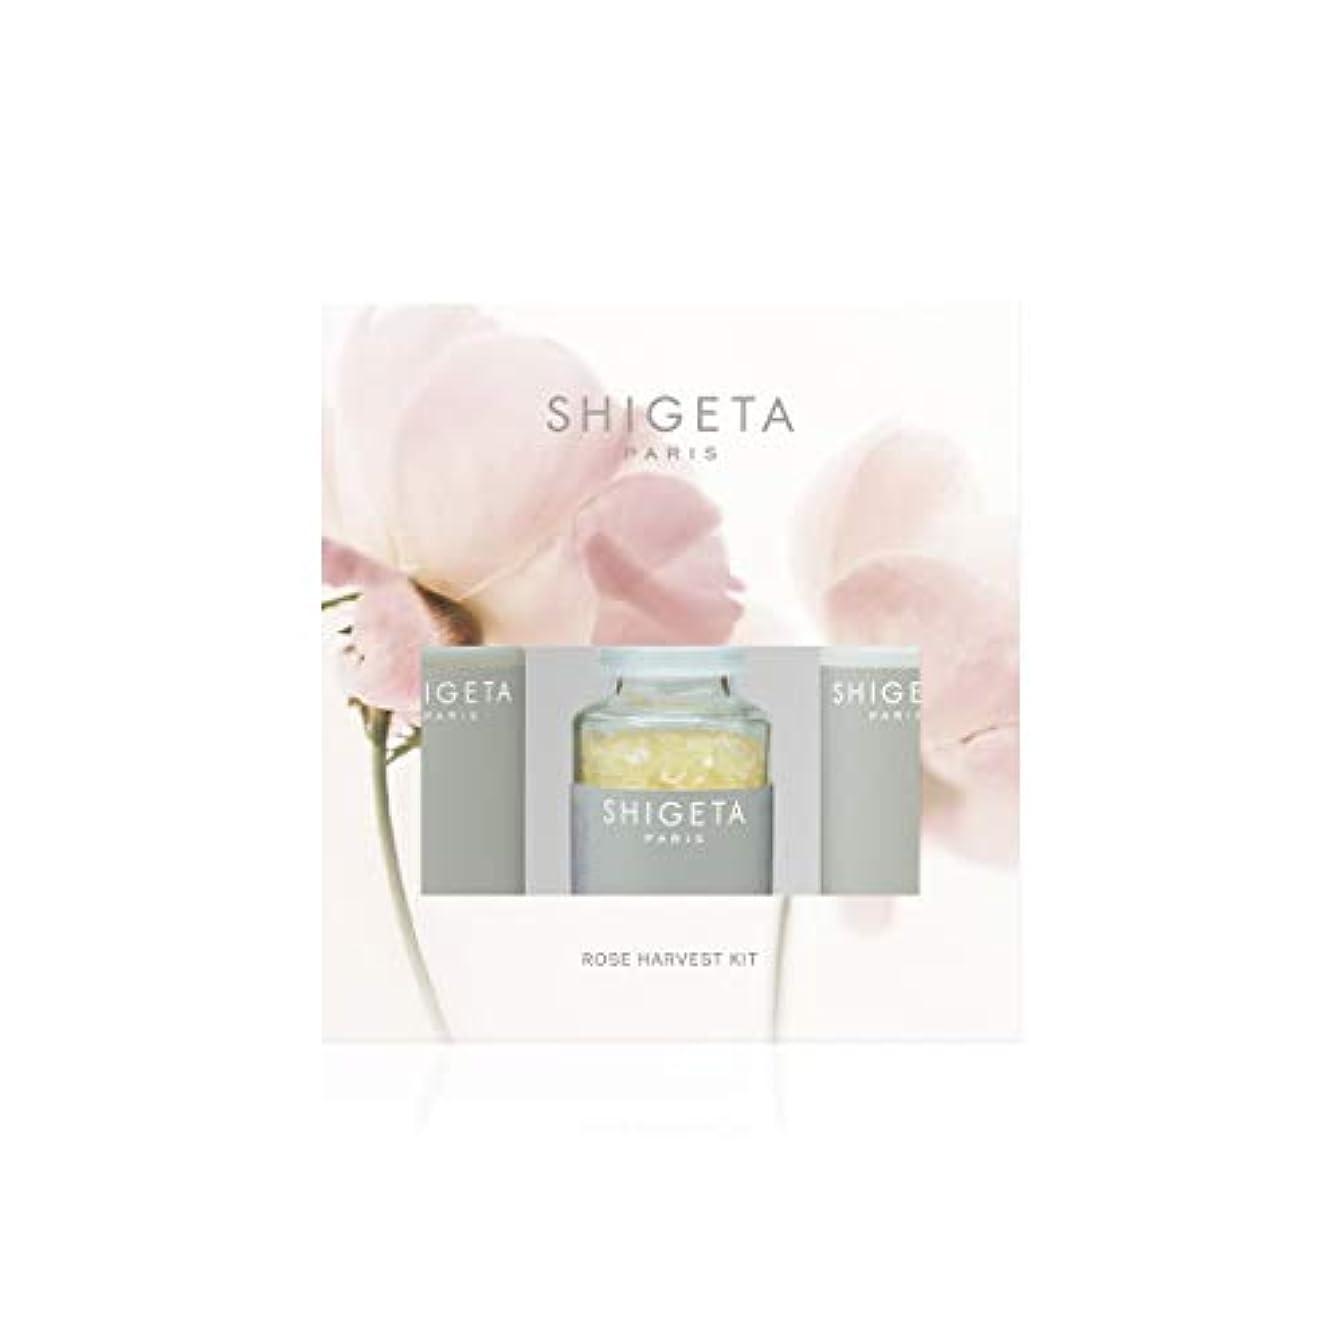 承認クラシック慎重SHIGETA(シゲタ) Rose Harvest Kit